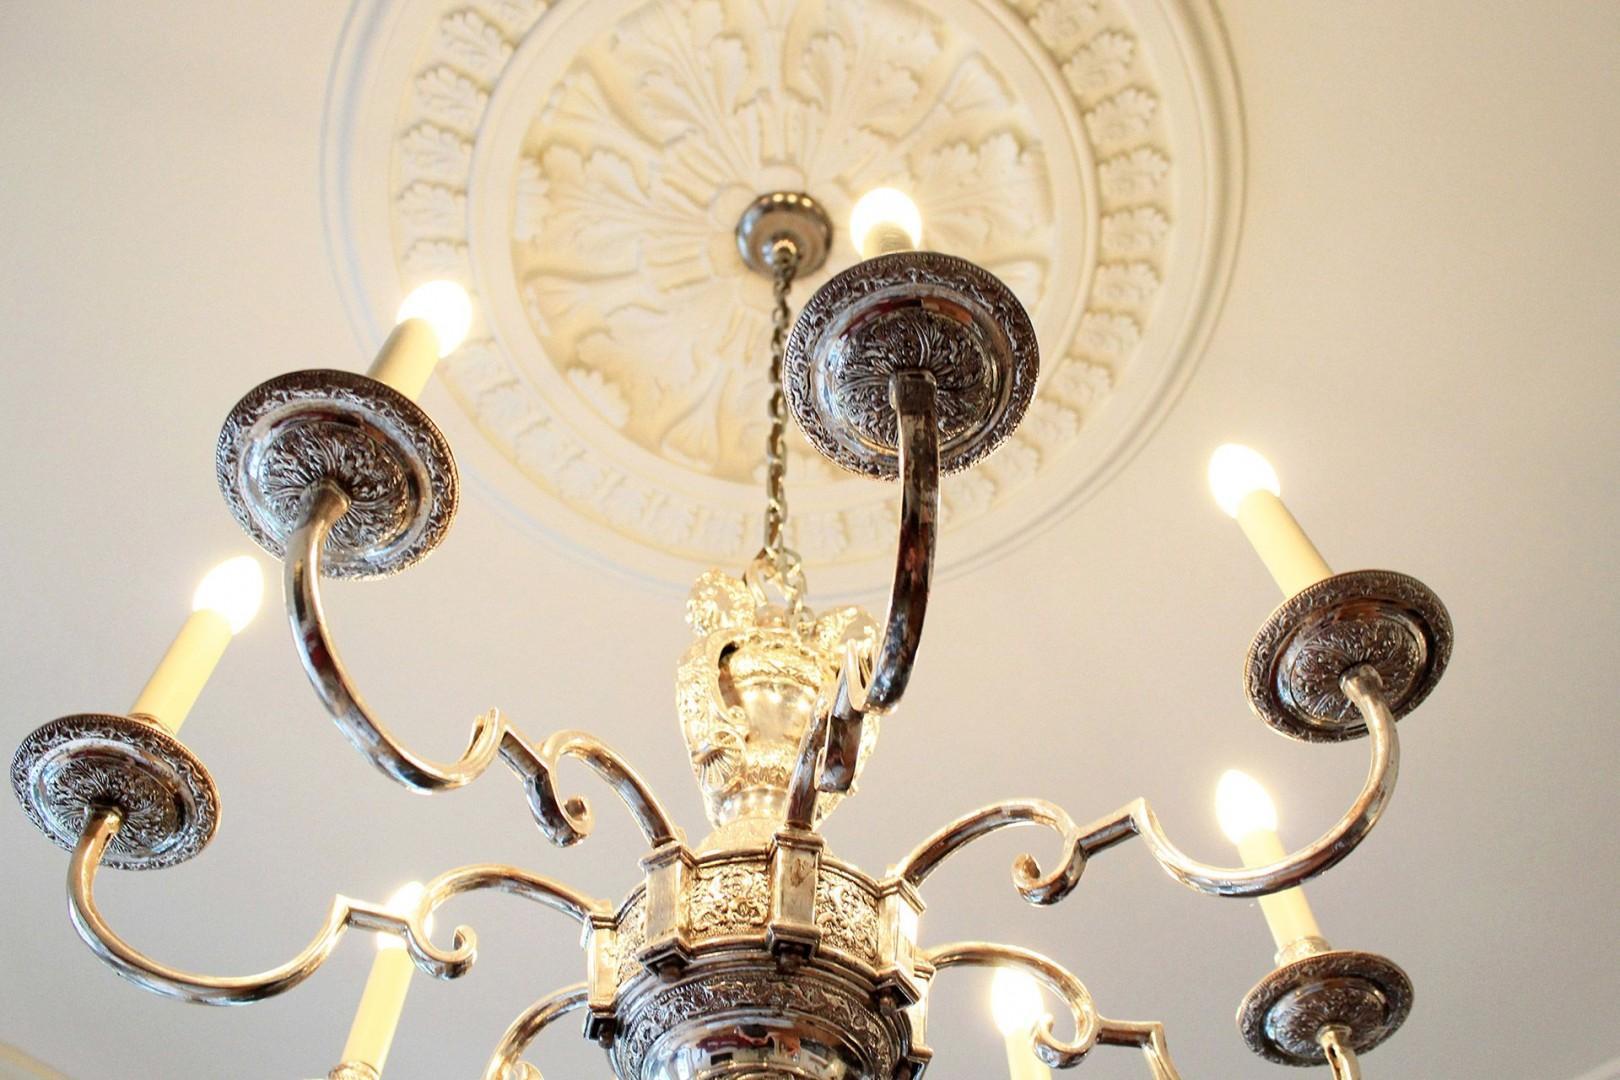 Beautiful antique chandelier in living room